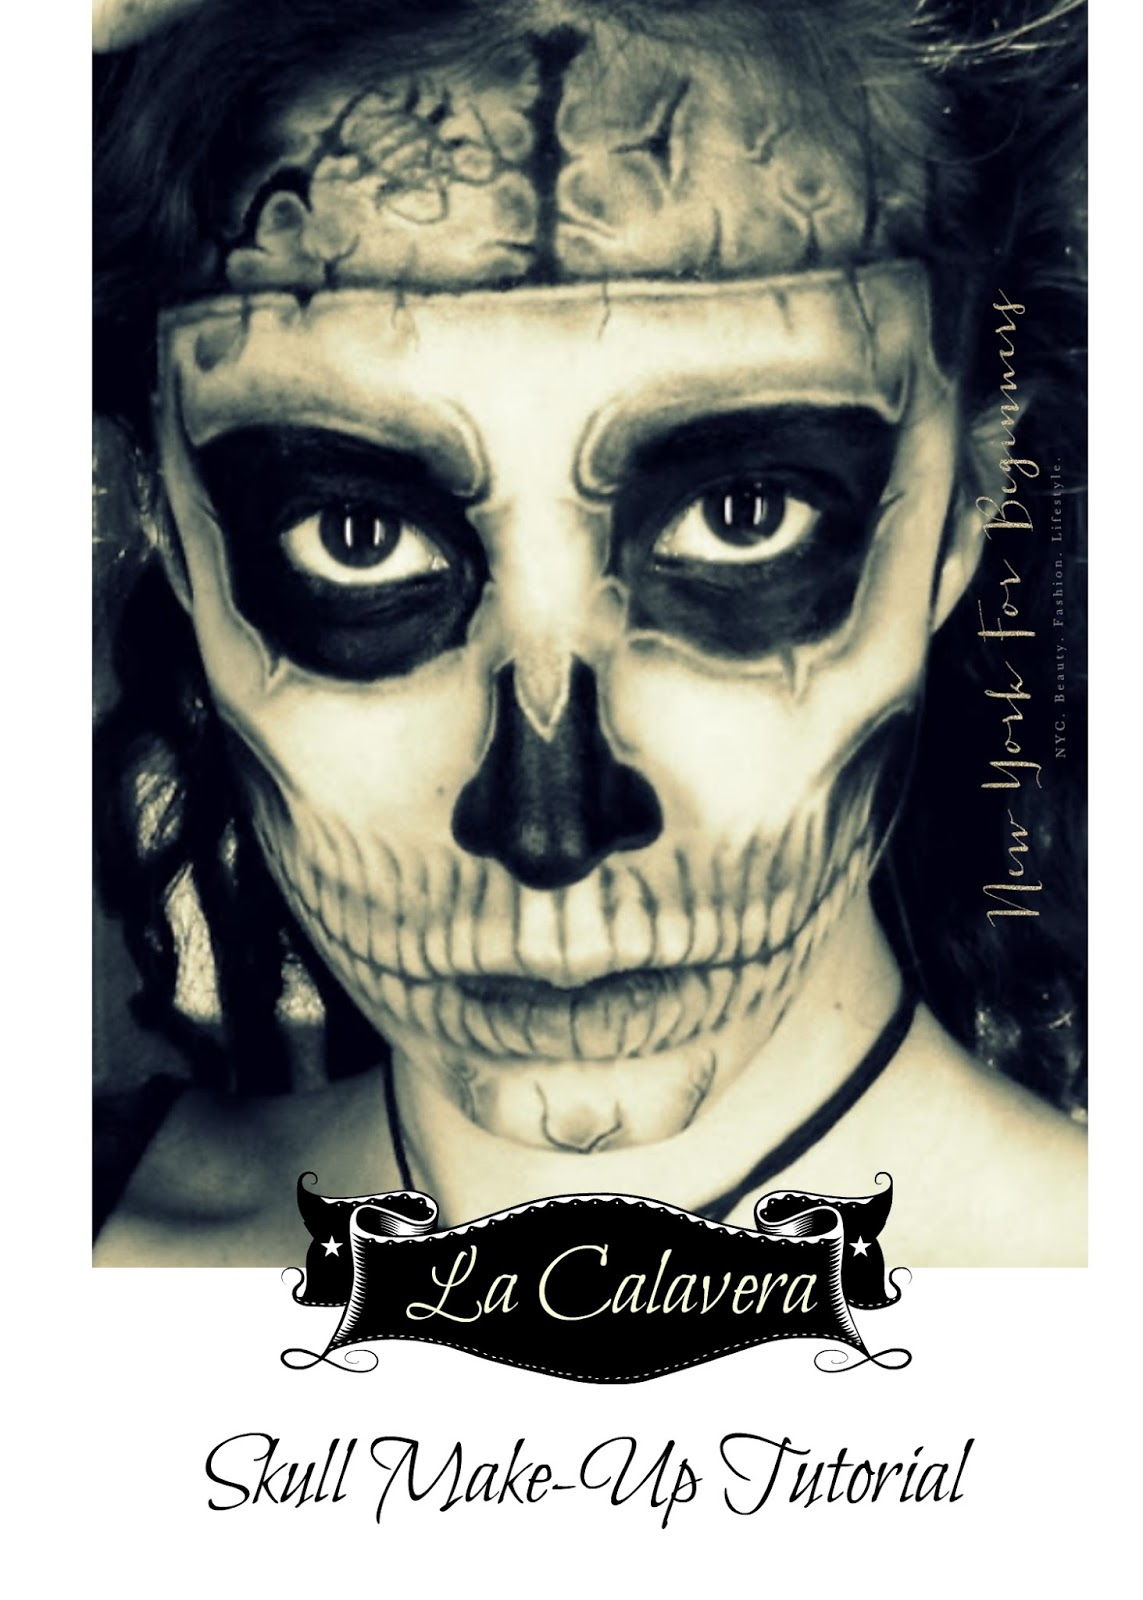 New york for beginners easy halloween skull make up tutorial easy halloween skull make up tutorial baditri Image collections